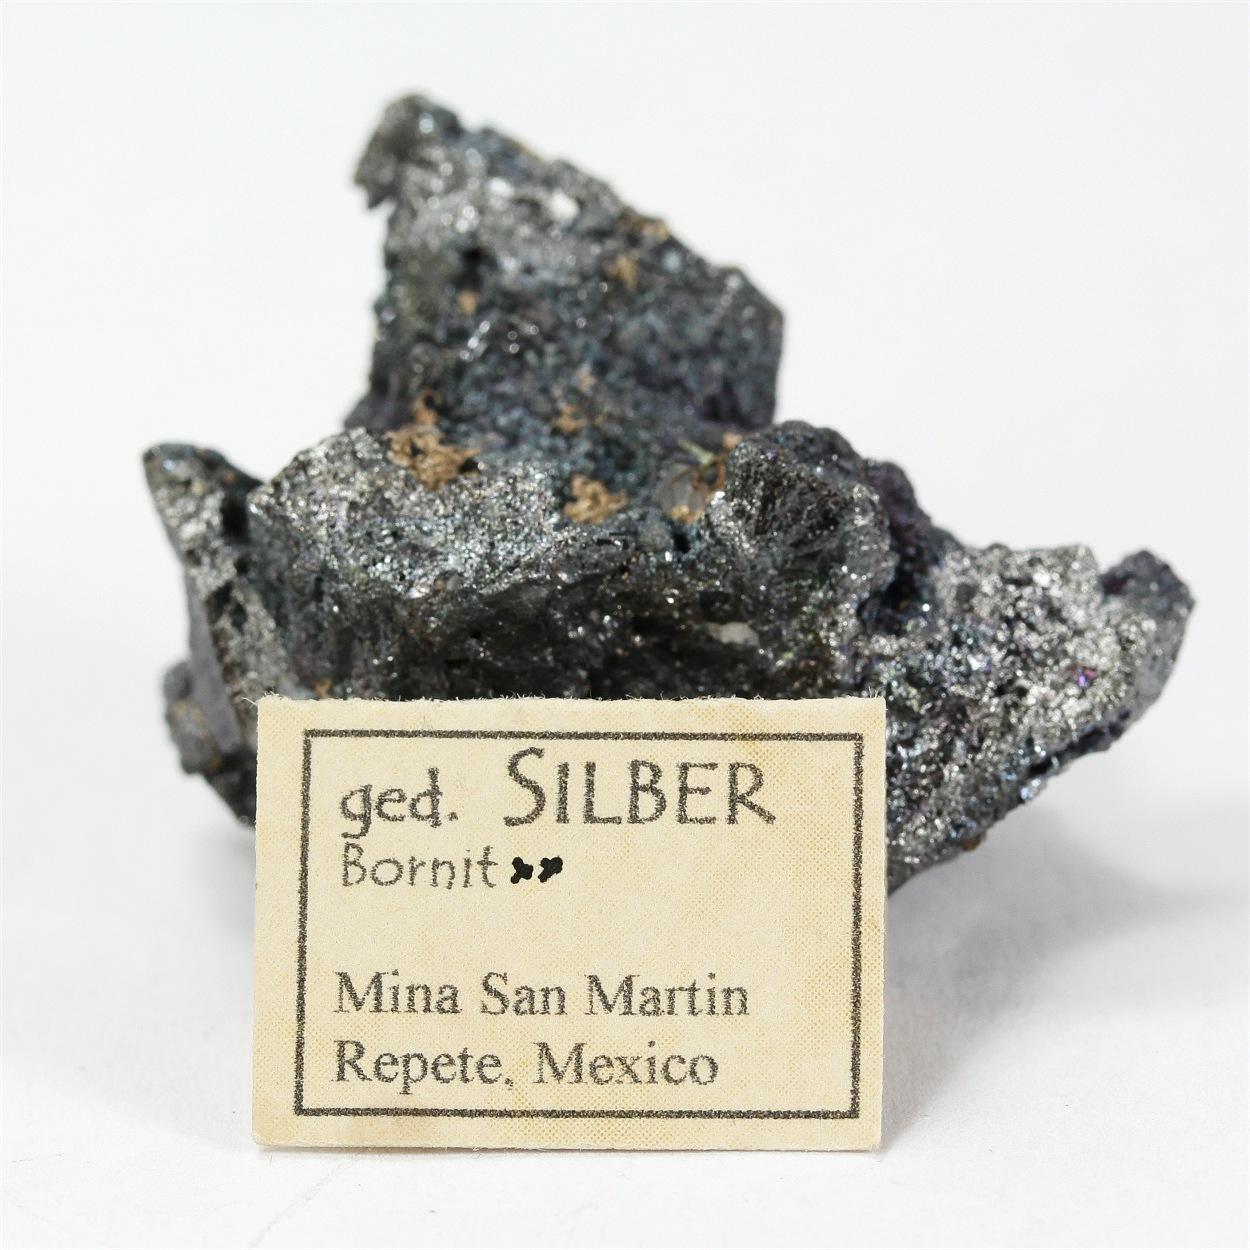 Native Silver With Bornite & Tetrahedrite